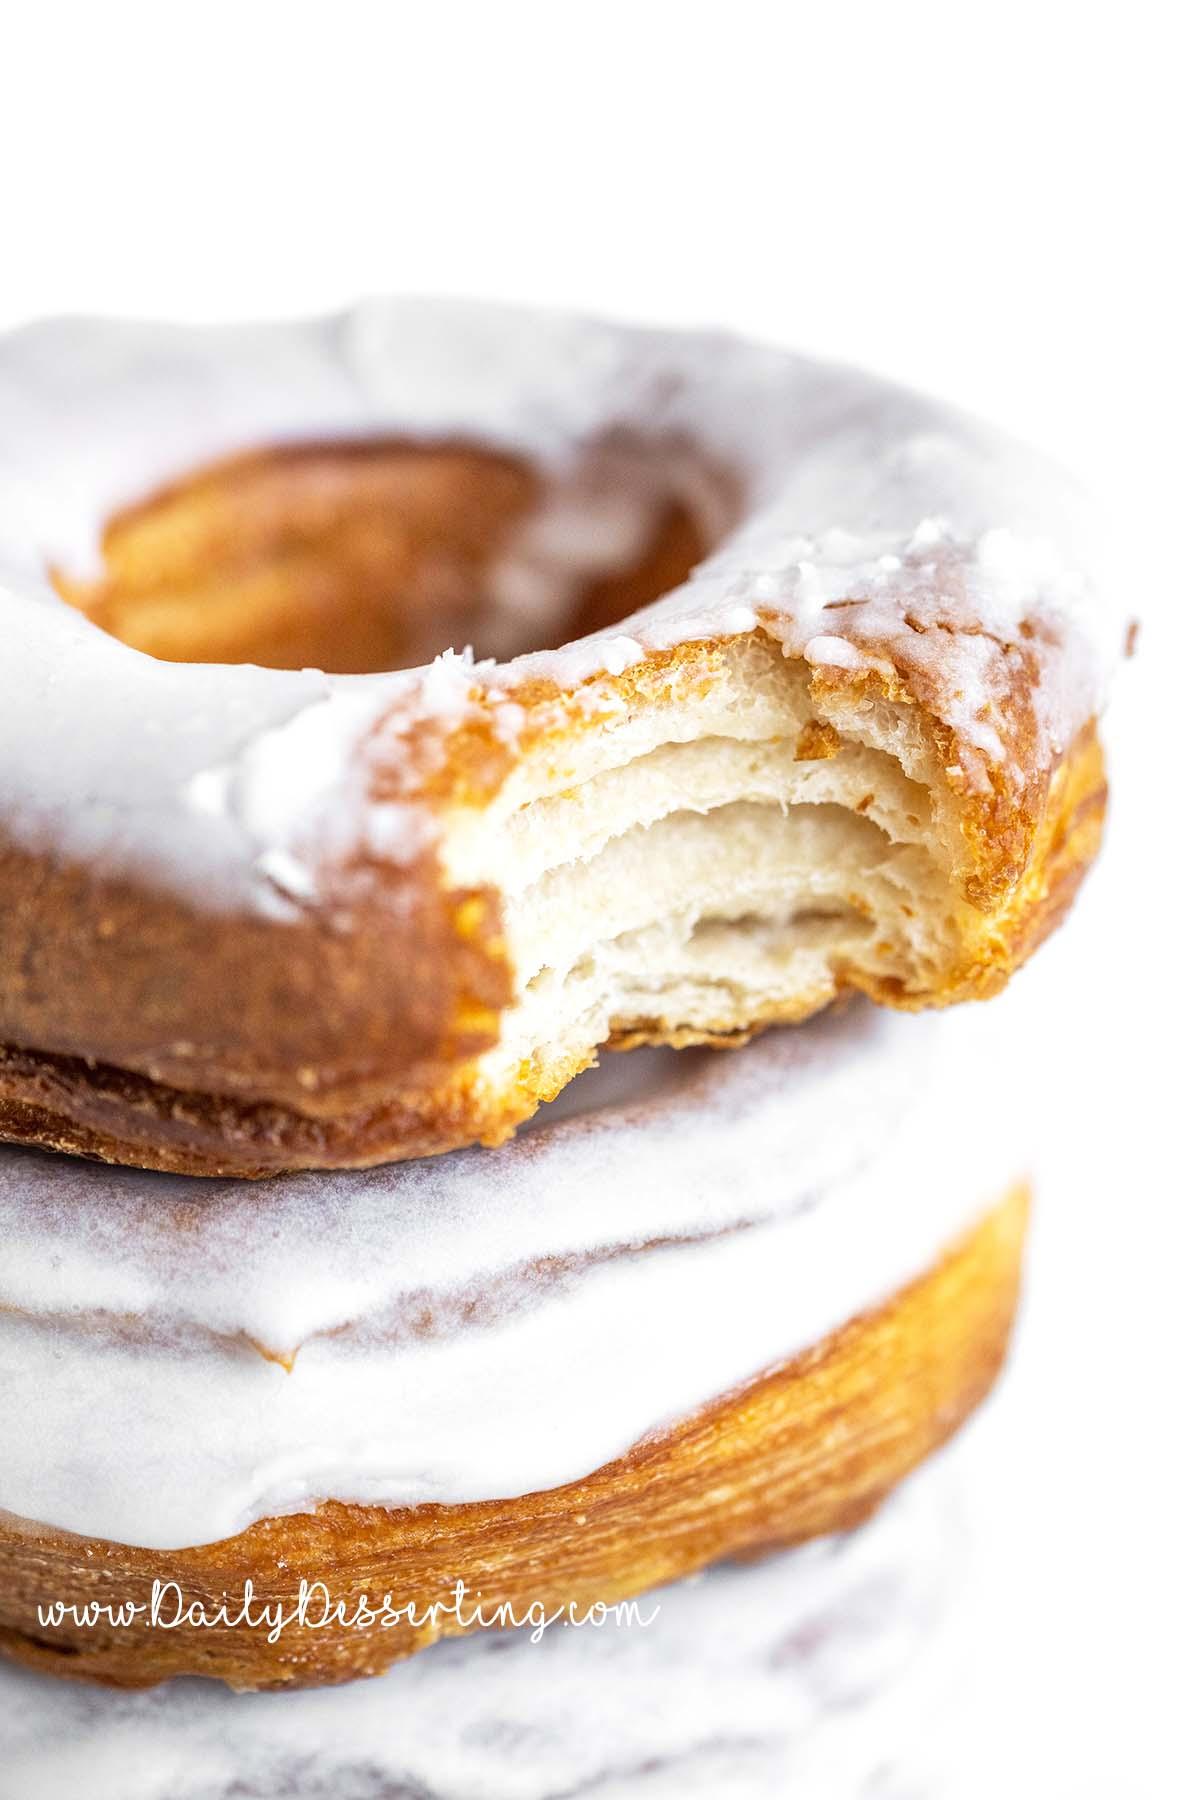 biscut donuts recipe with bite